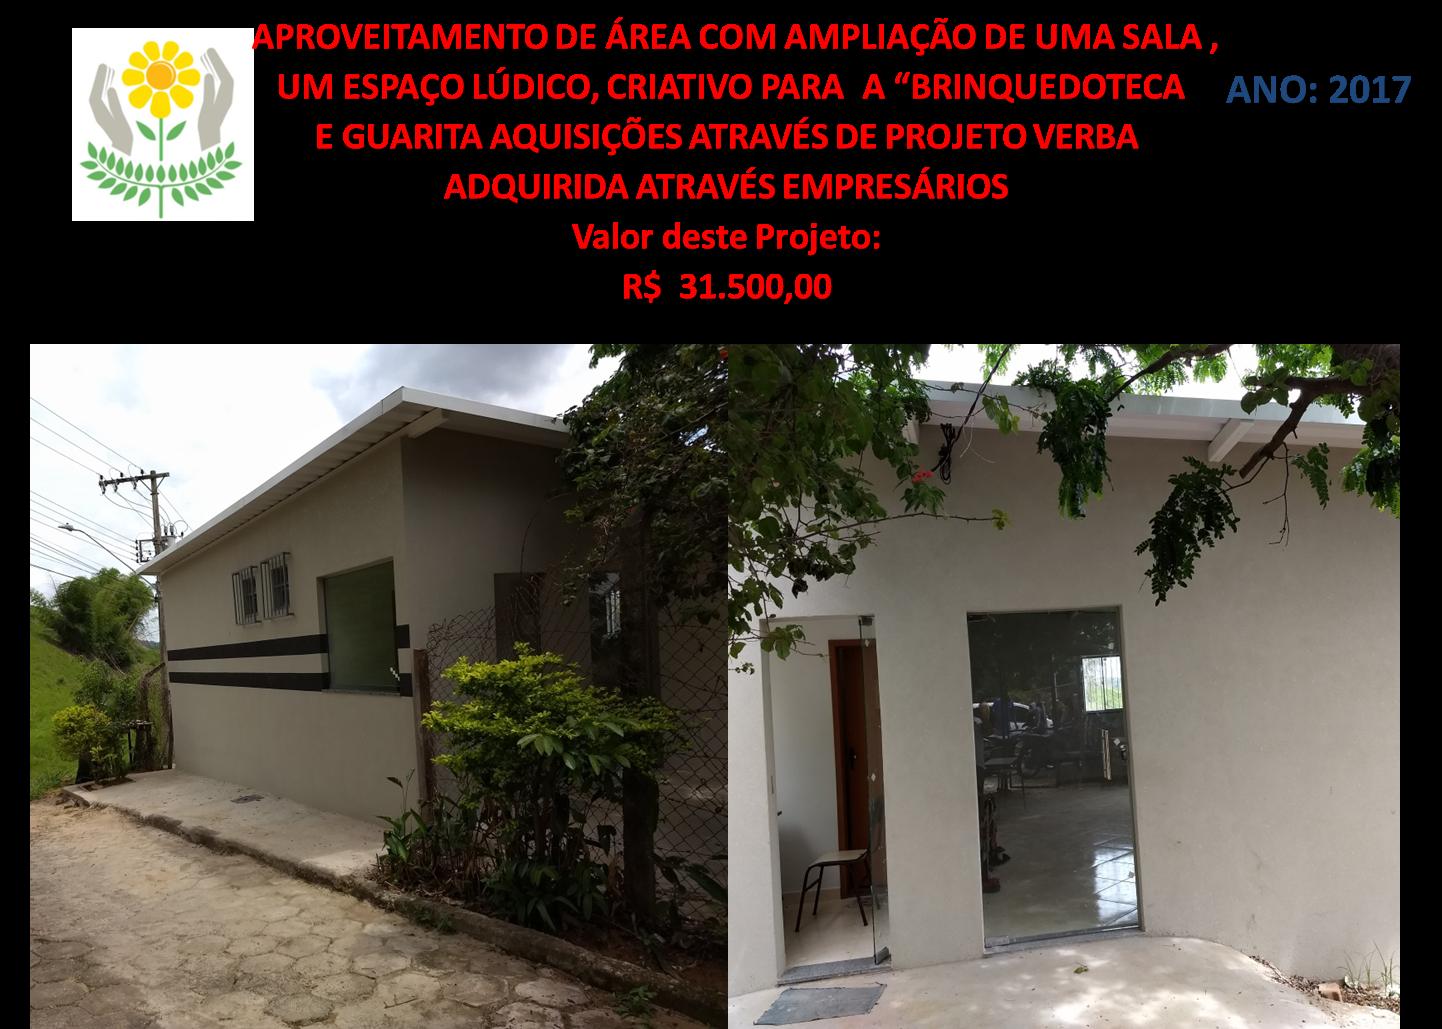 b51d84f3aa4a4 PROJETO DE APROVEITAMENTO DE ÁREA COM AMPLIAÇÃO DE UMA SALA